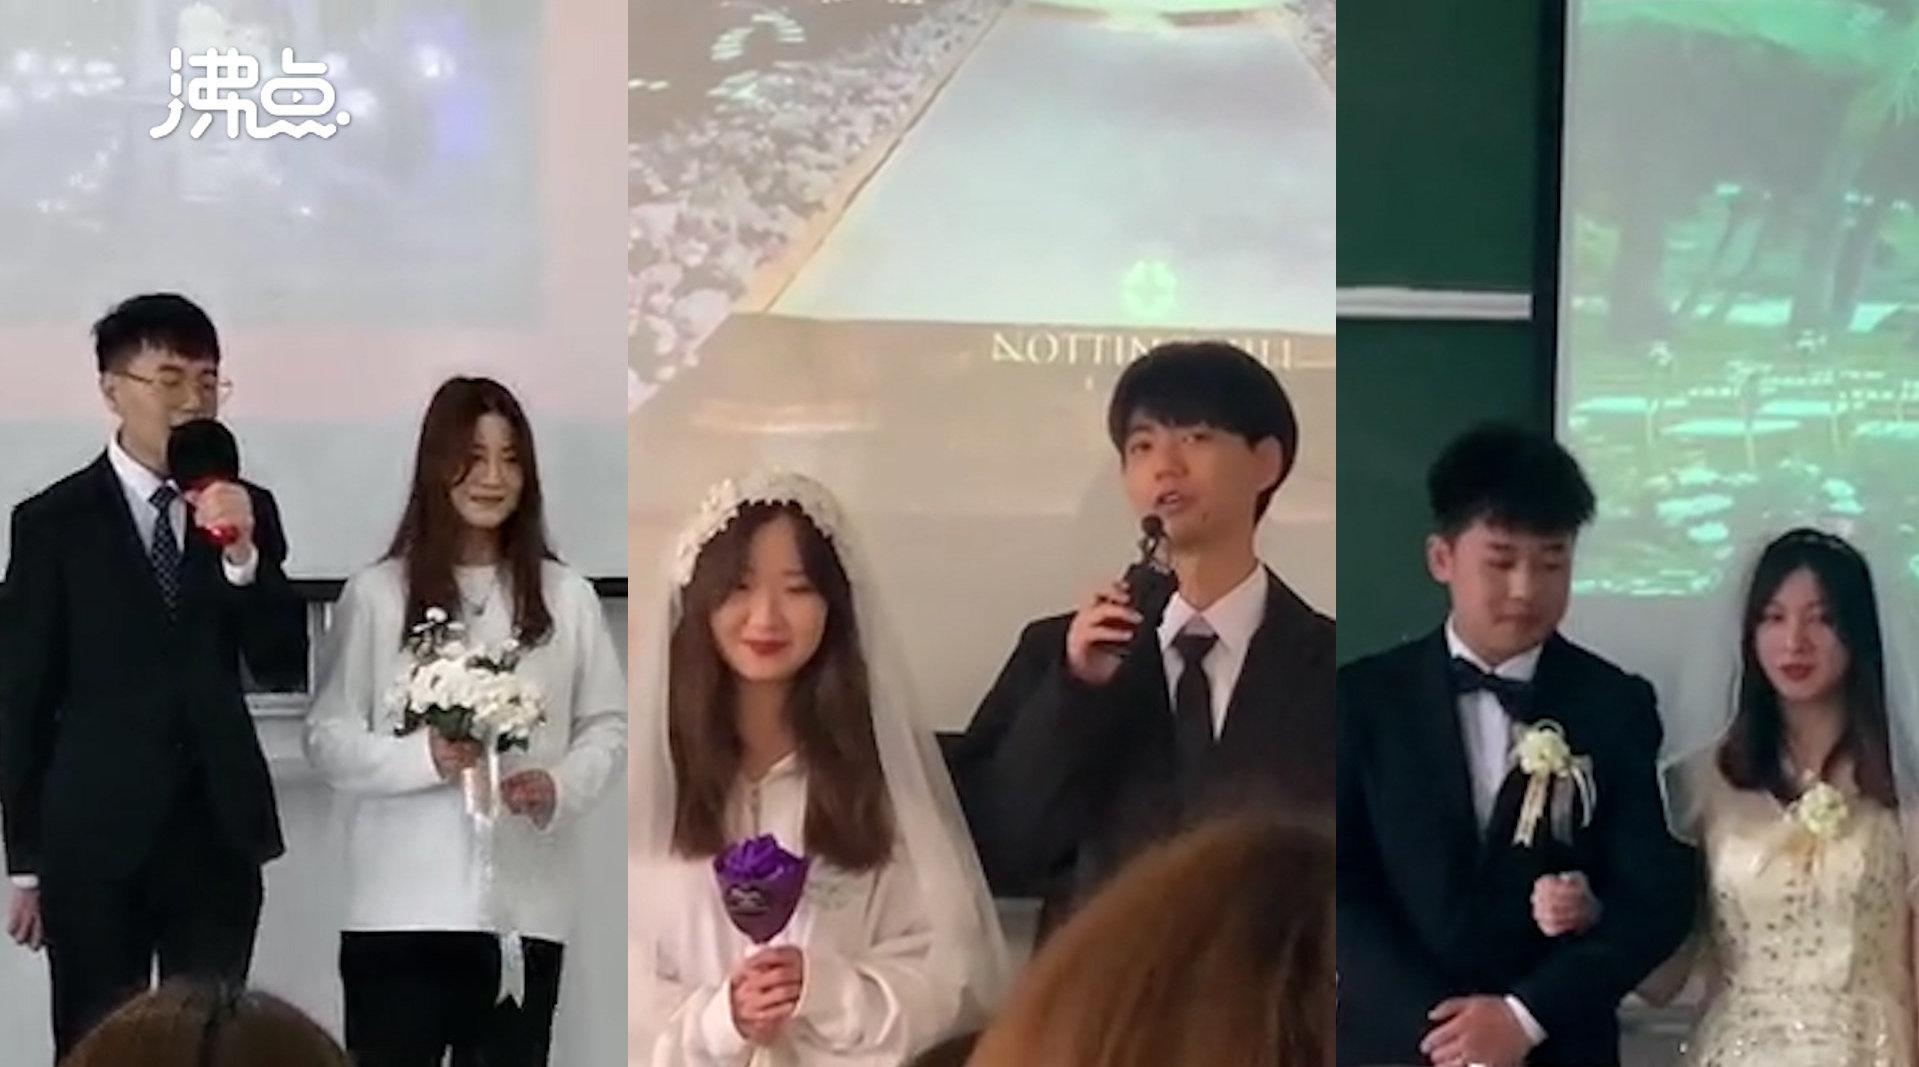 高校开设婚庆课